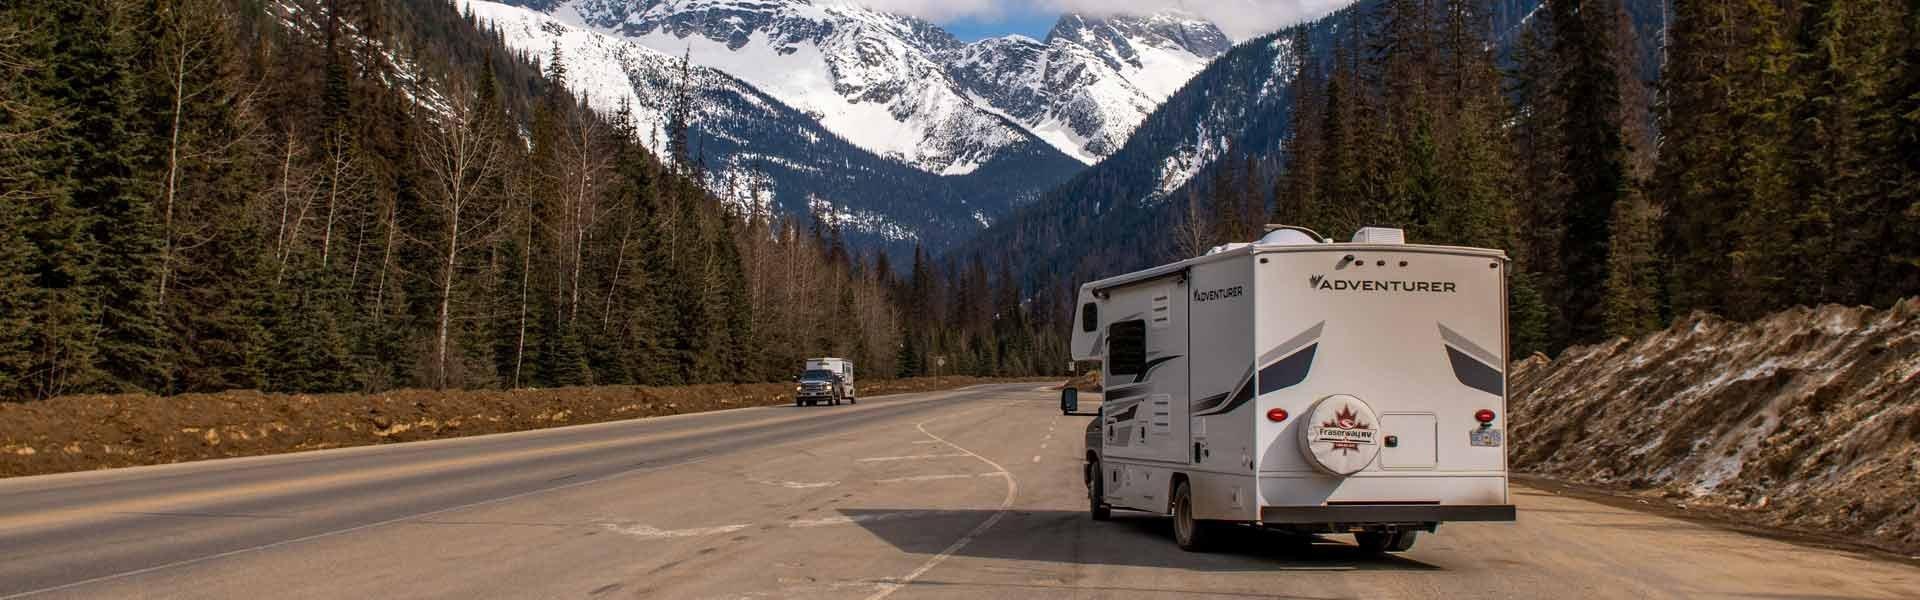 Ontdek de Yukon tijdens een campervakantie met een camper van Fraserway